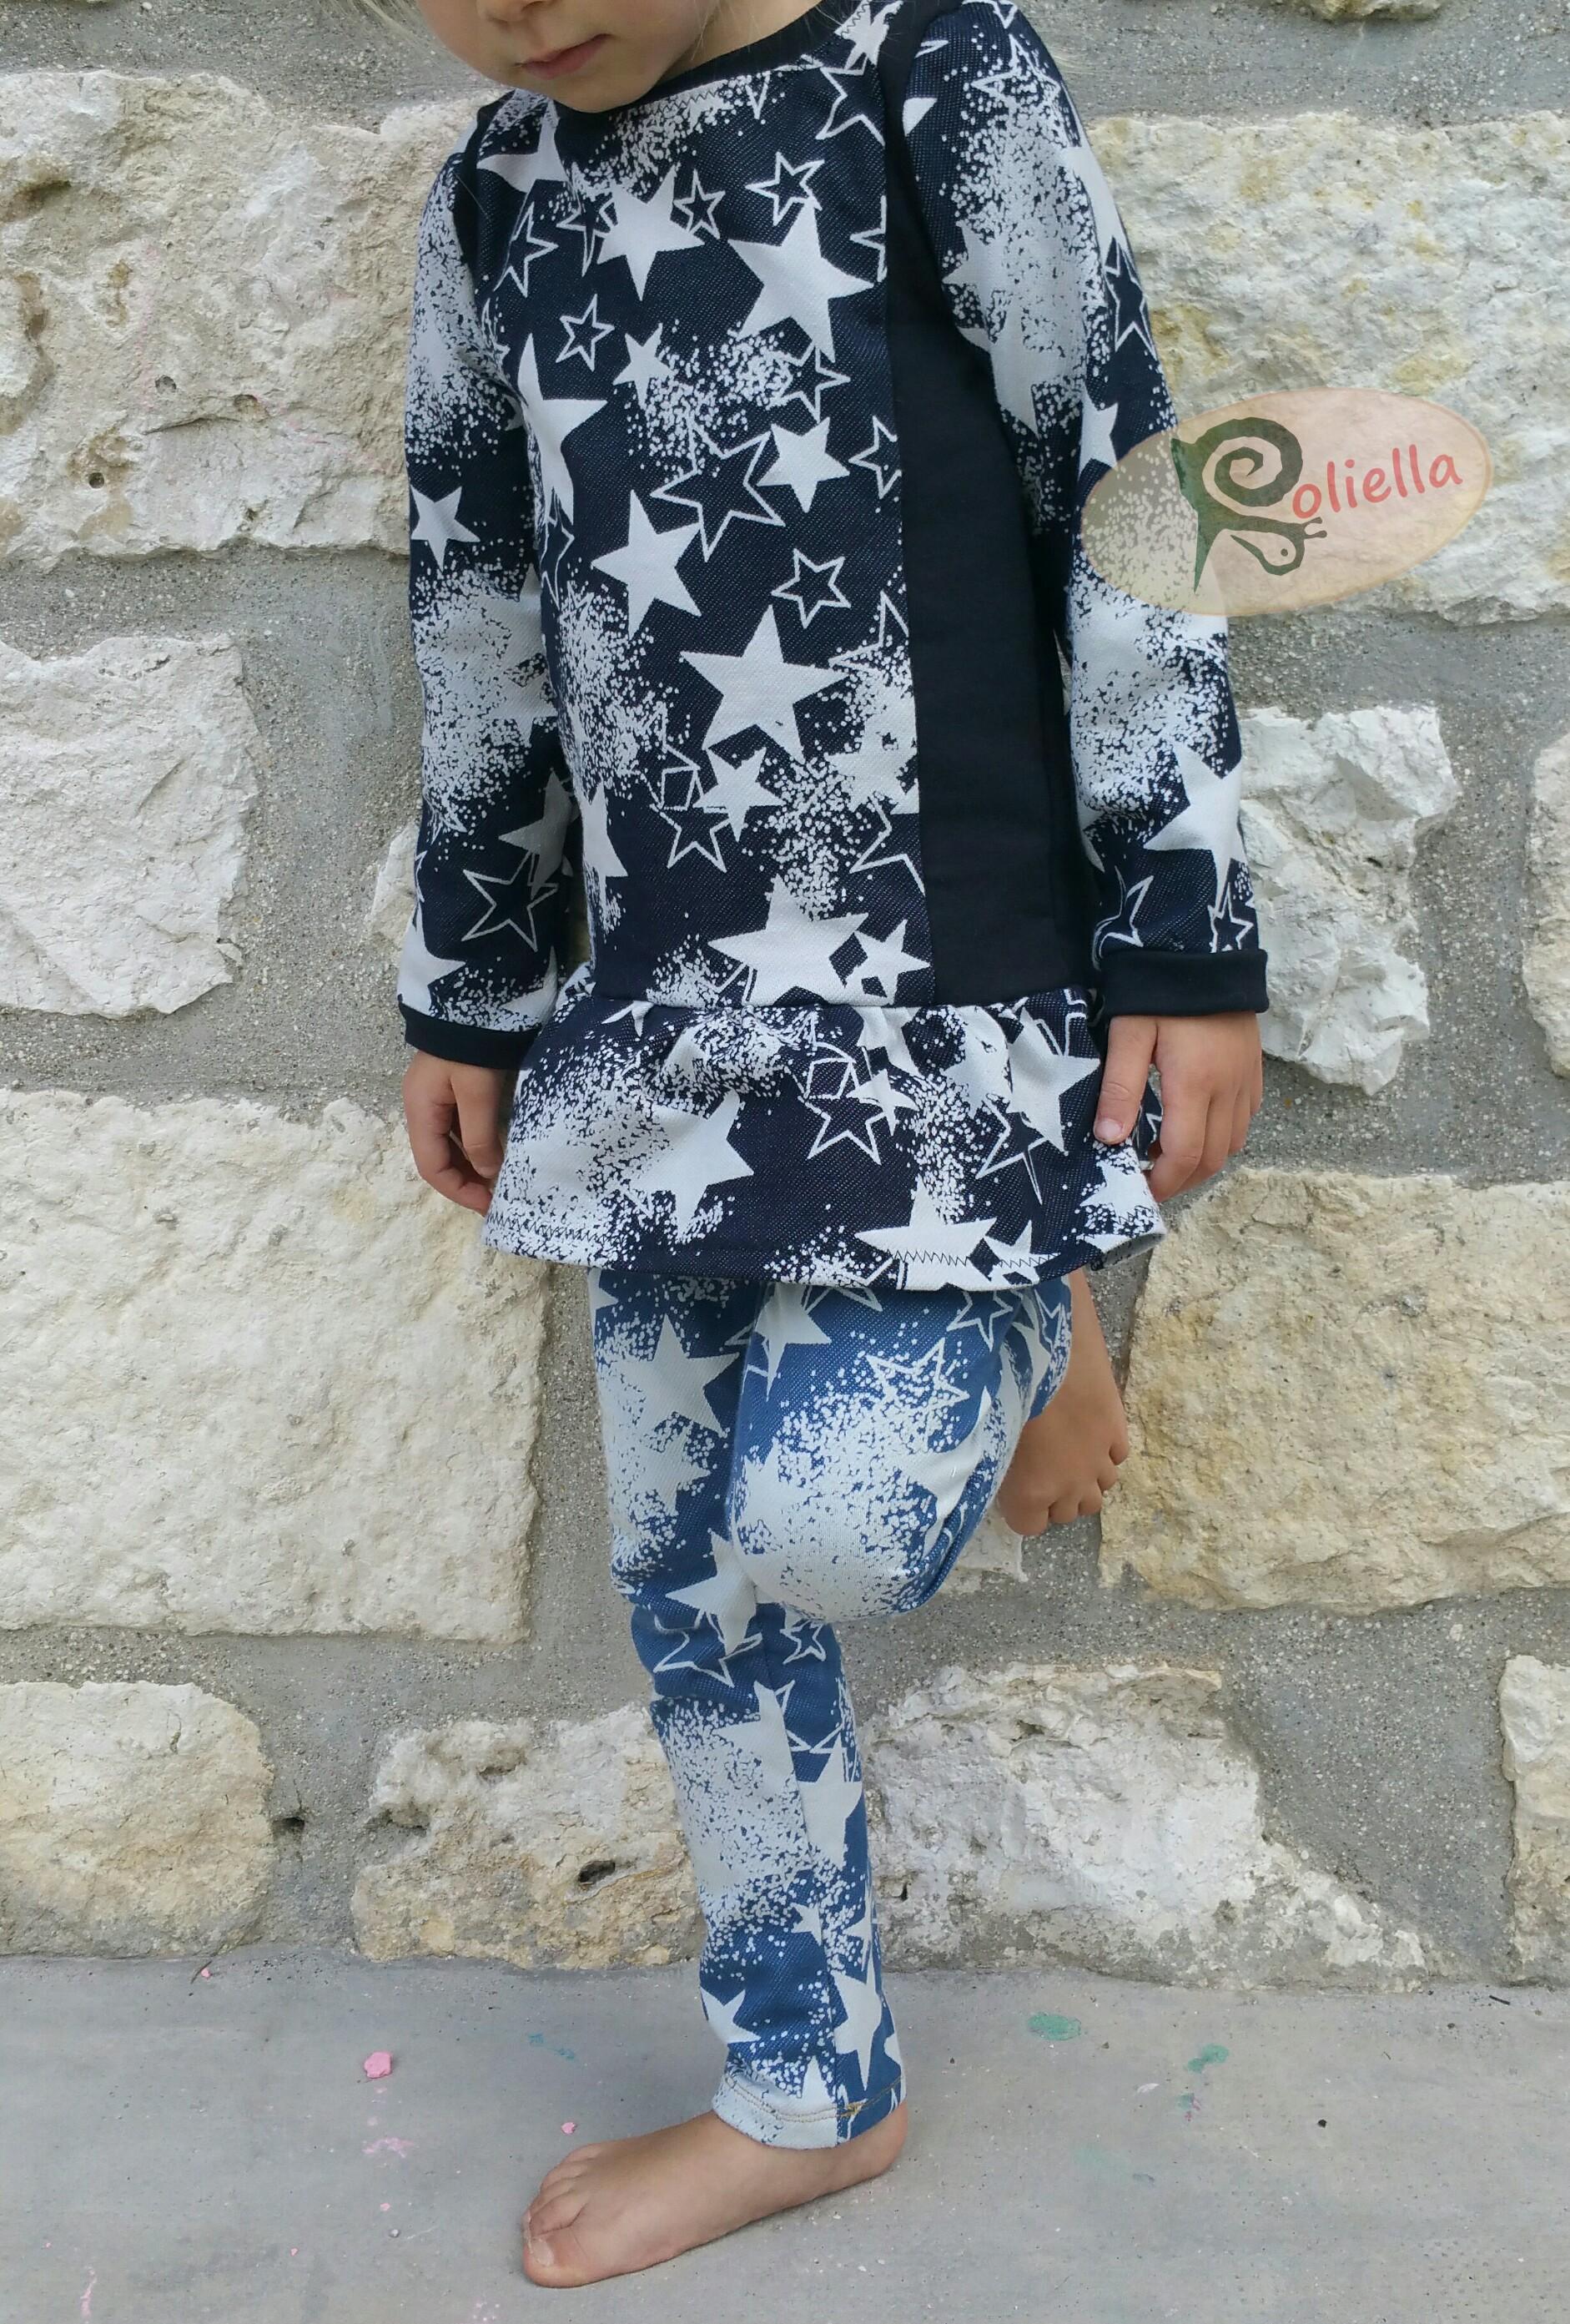 Kostenlose Schnittmuster Shirt und Leggings von Roliella